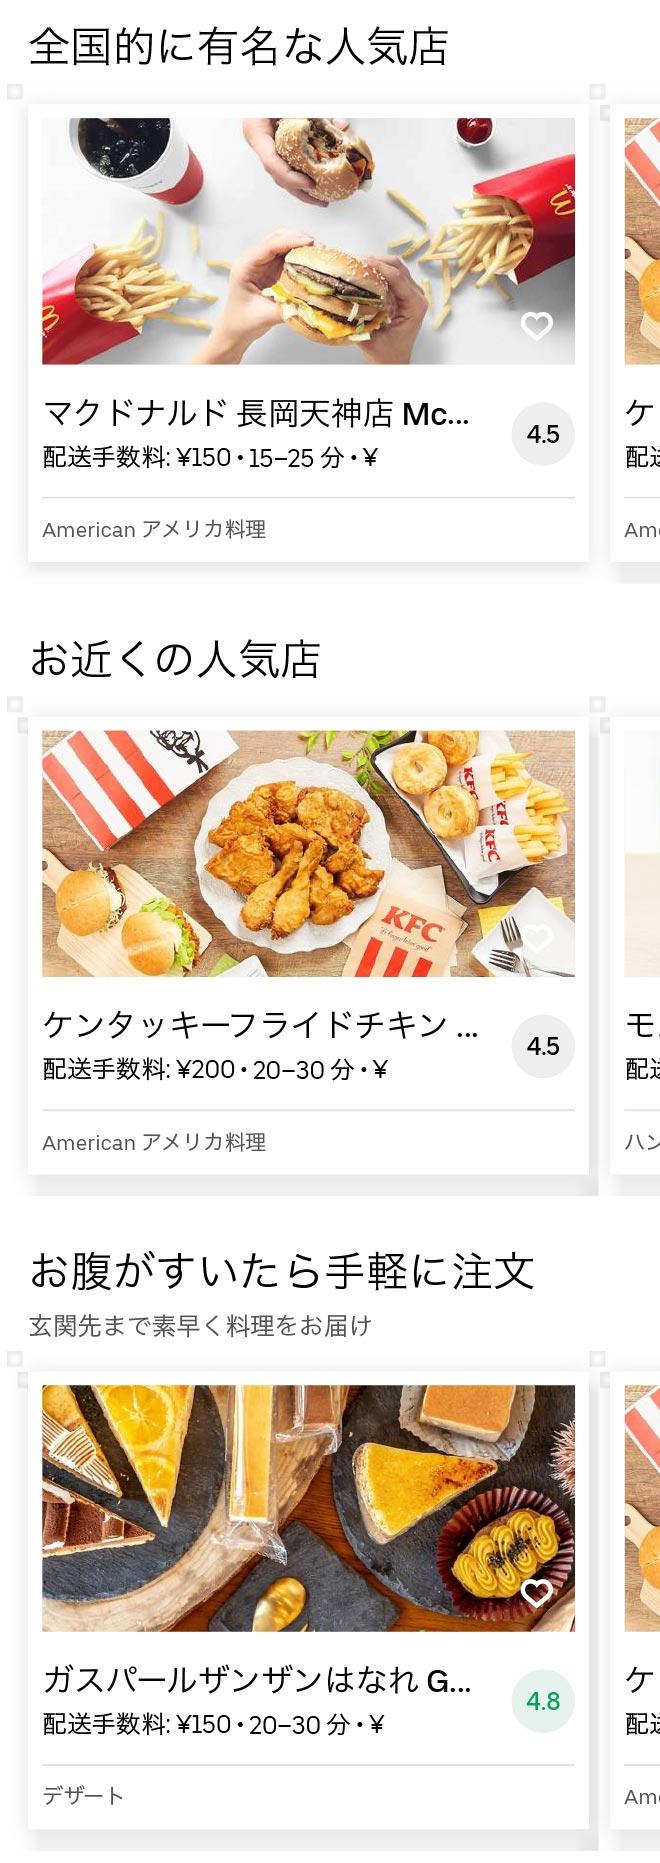 Nagaokakyo menu 2008 01